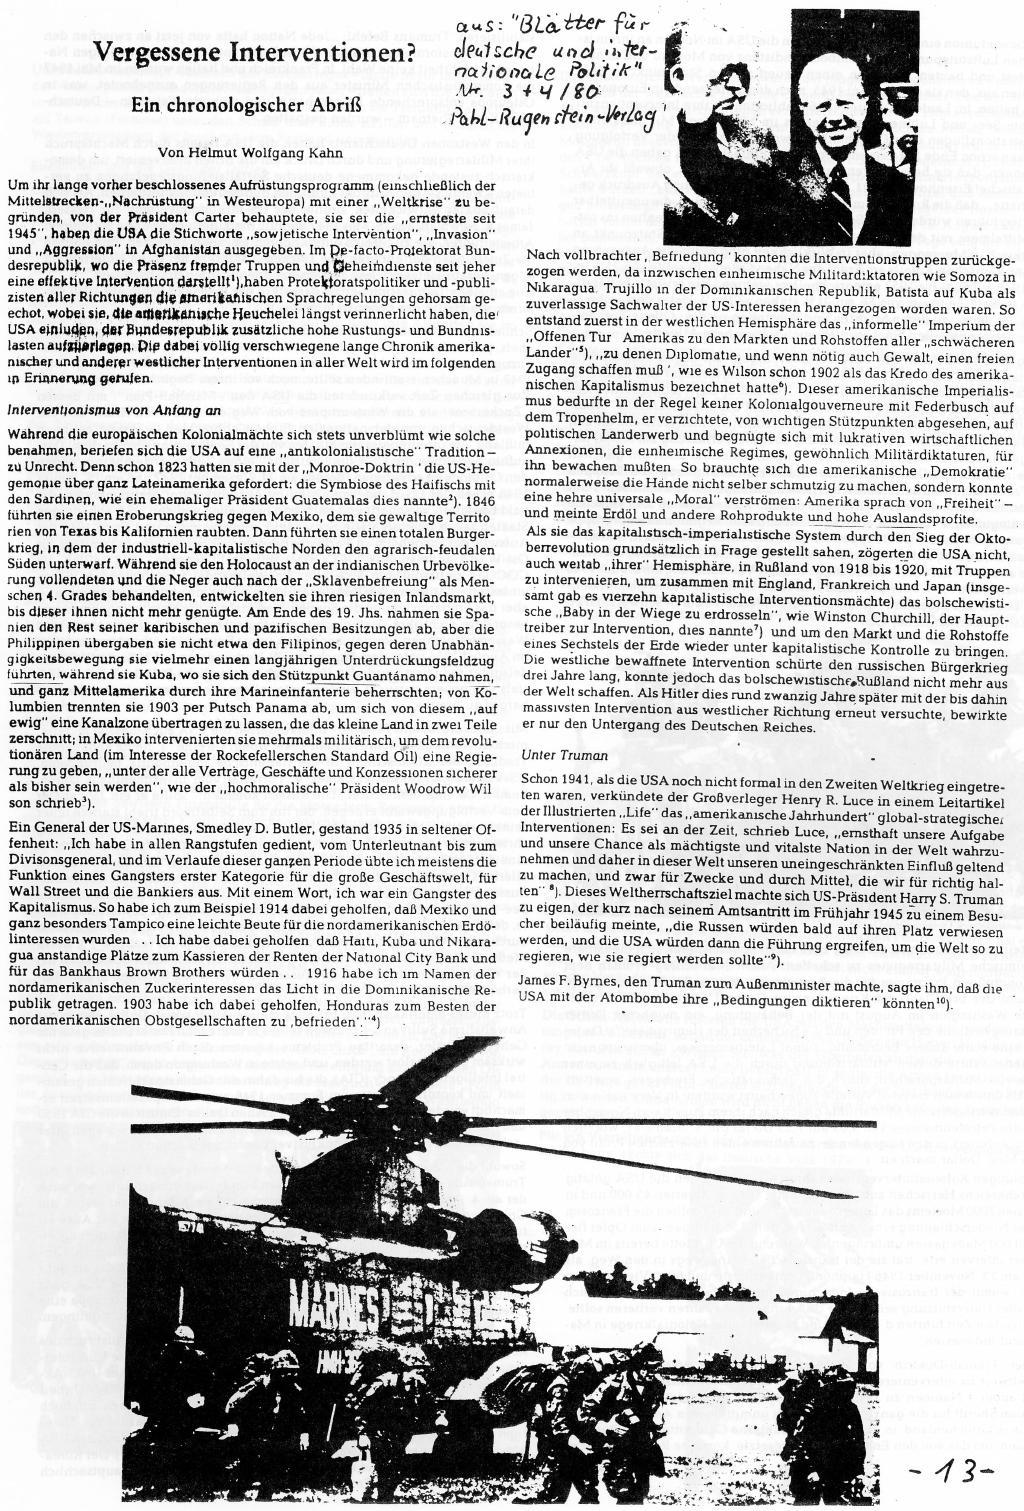 Bremen_1980_NATO_Broschuere_13